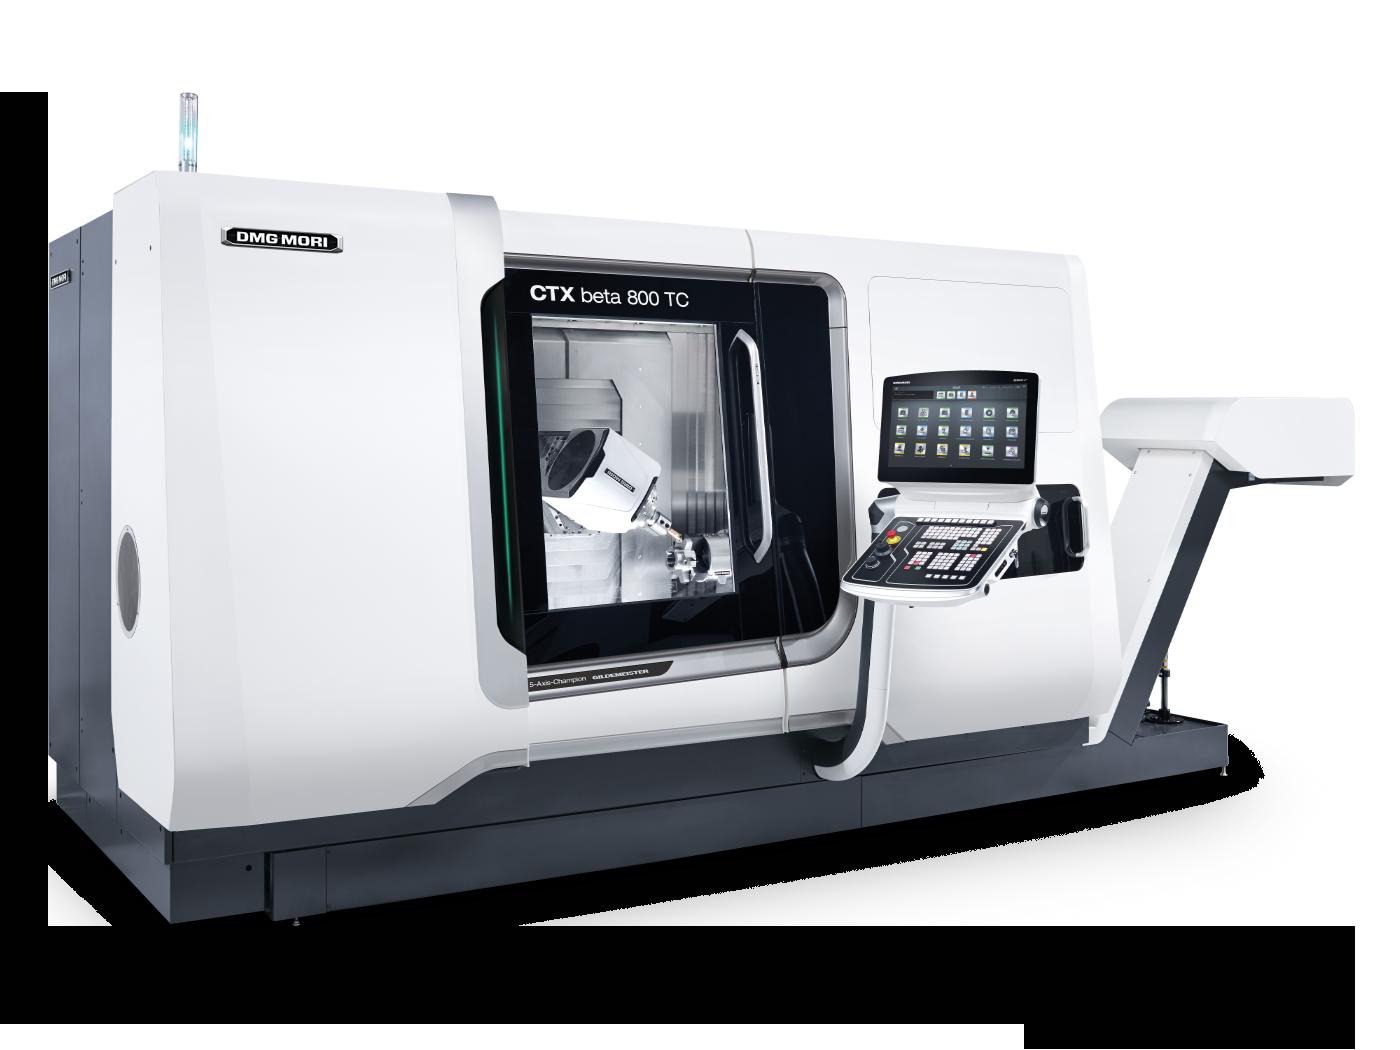 CTX beta 800 TC - Turn & Mill by DMG MORI